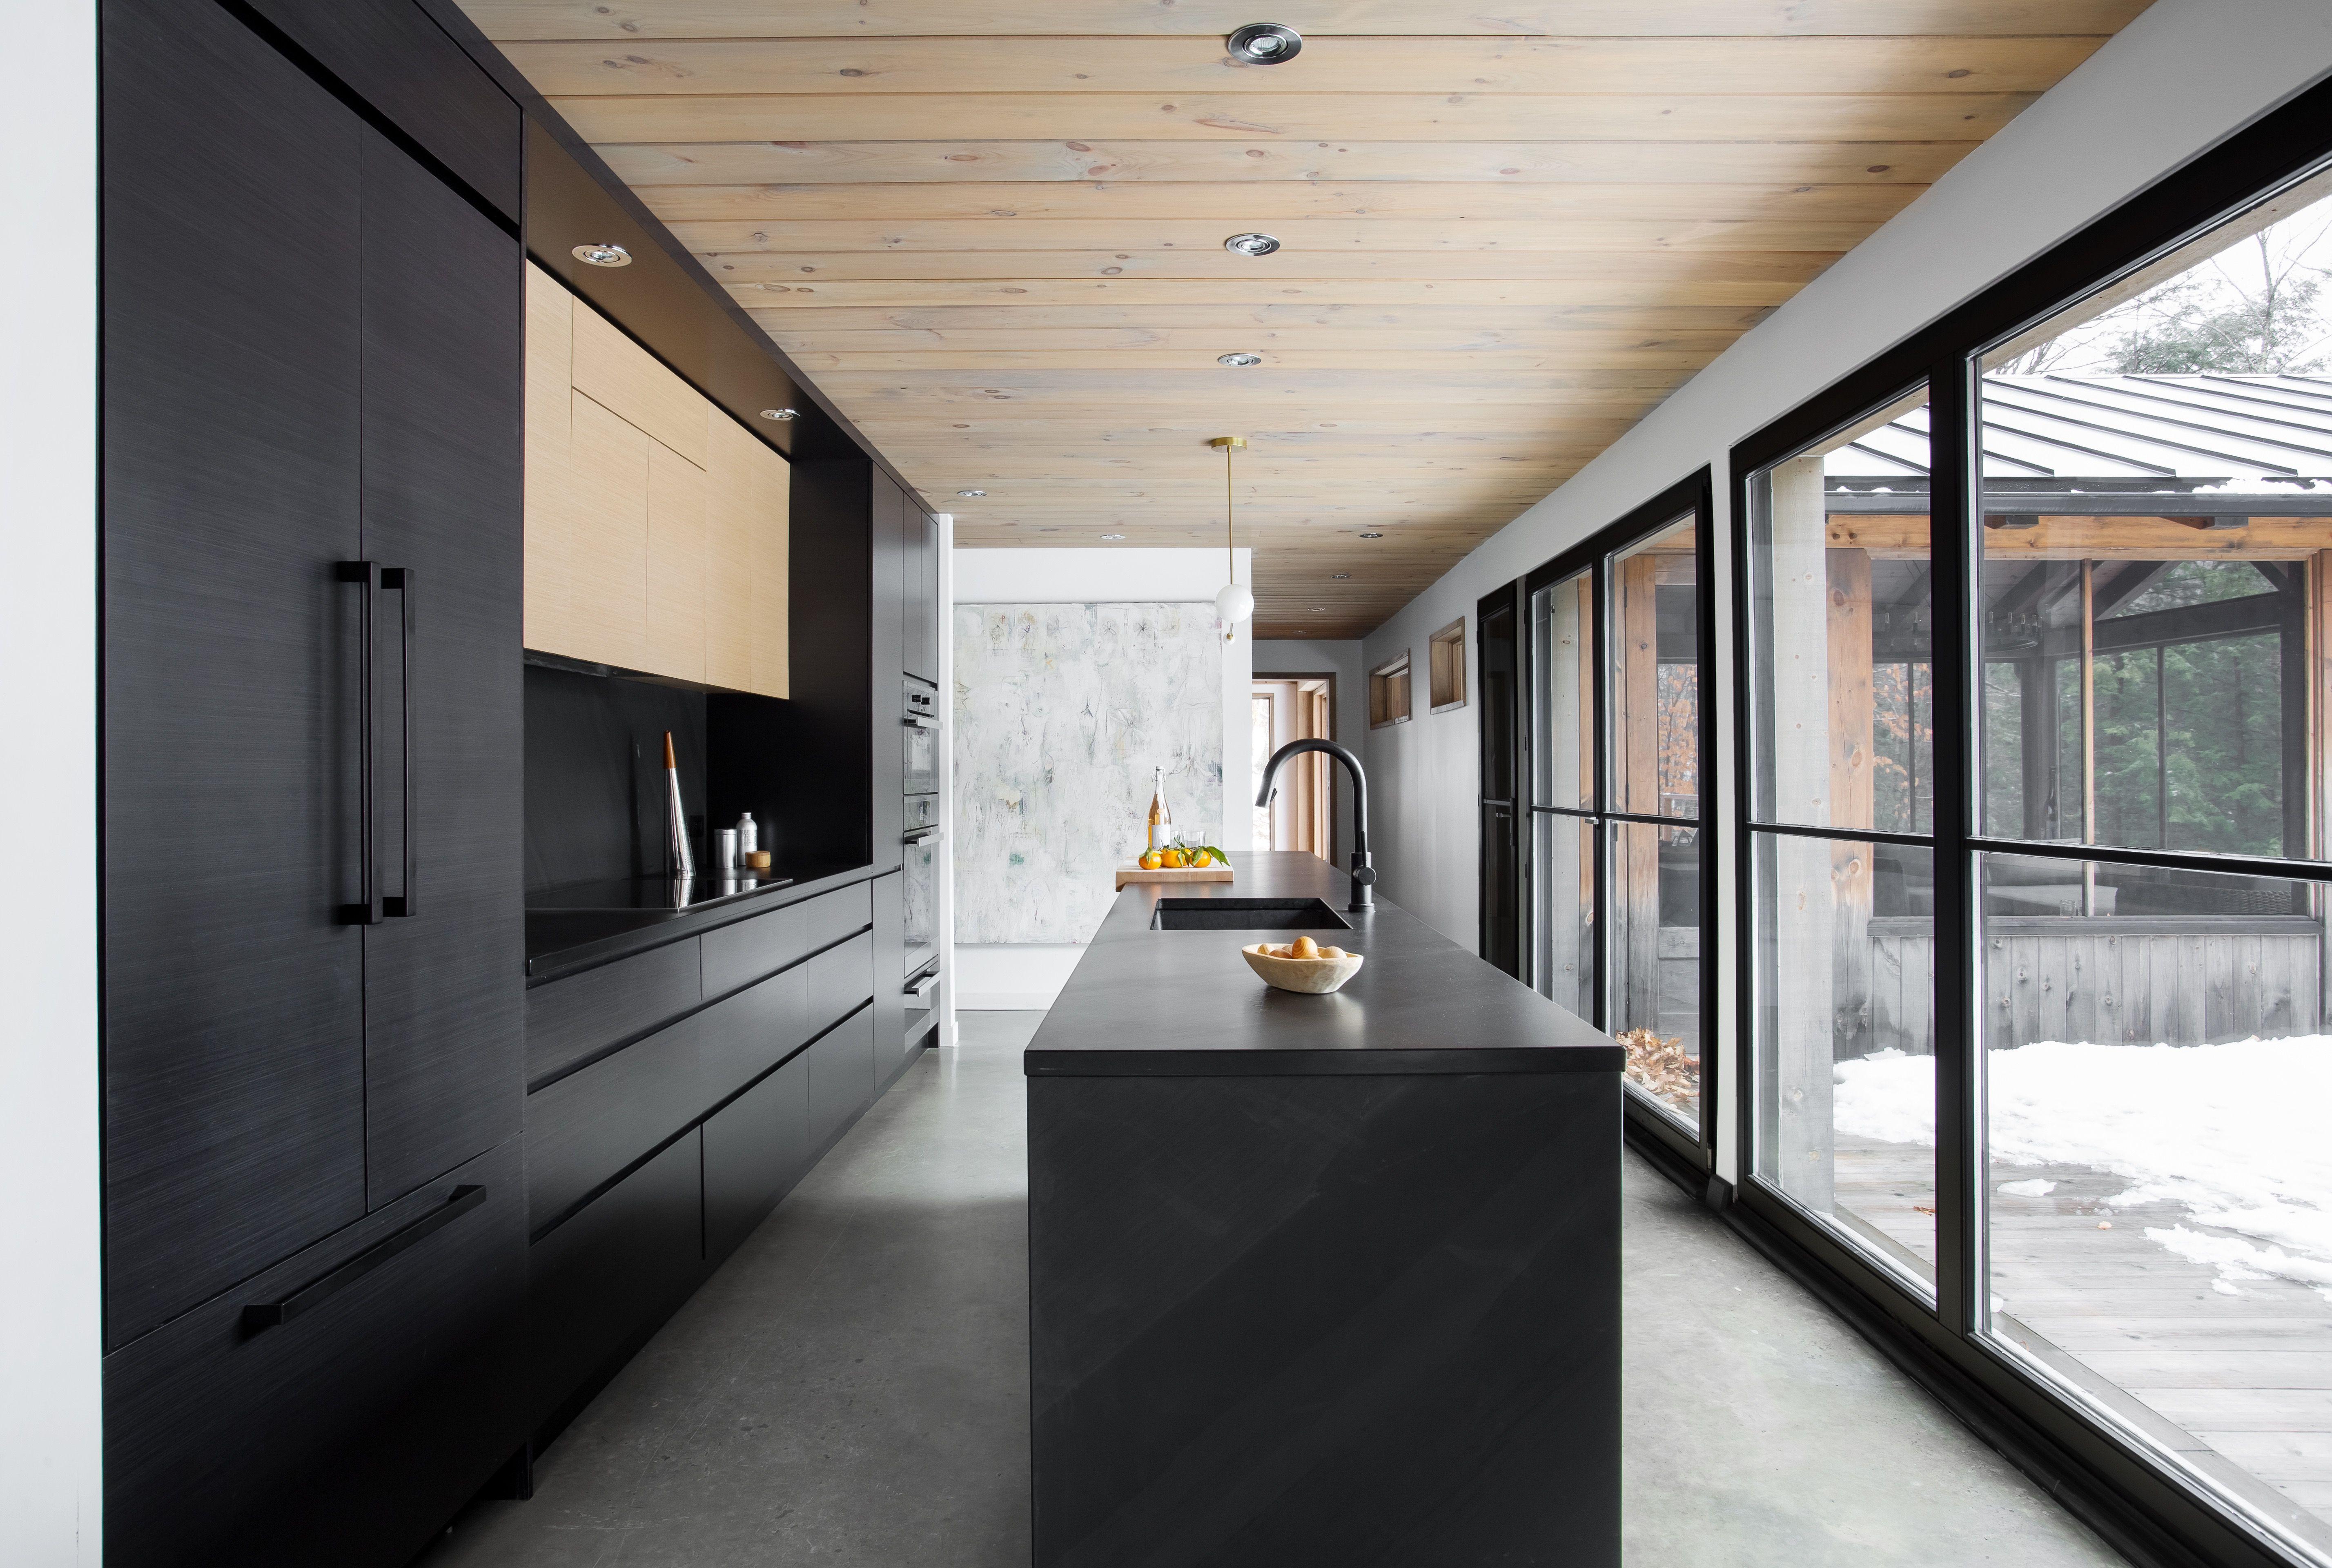 Ausgezeichnet Ikea Kücheentwerfer Nyc Ideen - Küche Set Ideen ...